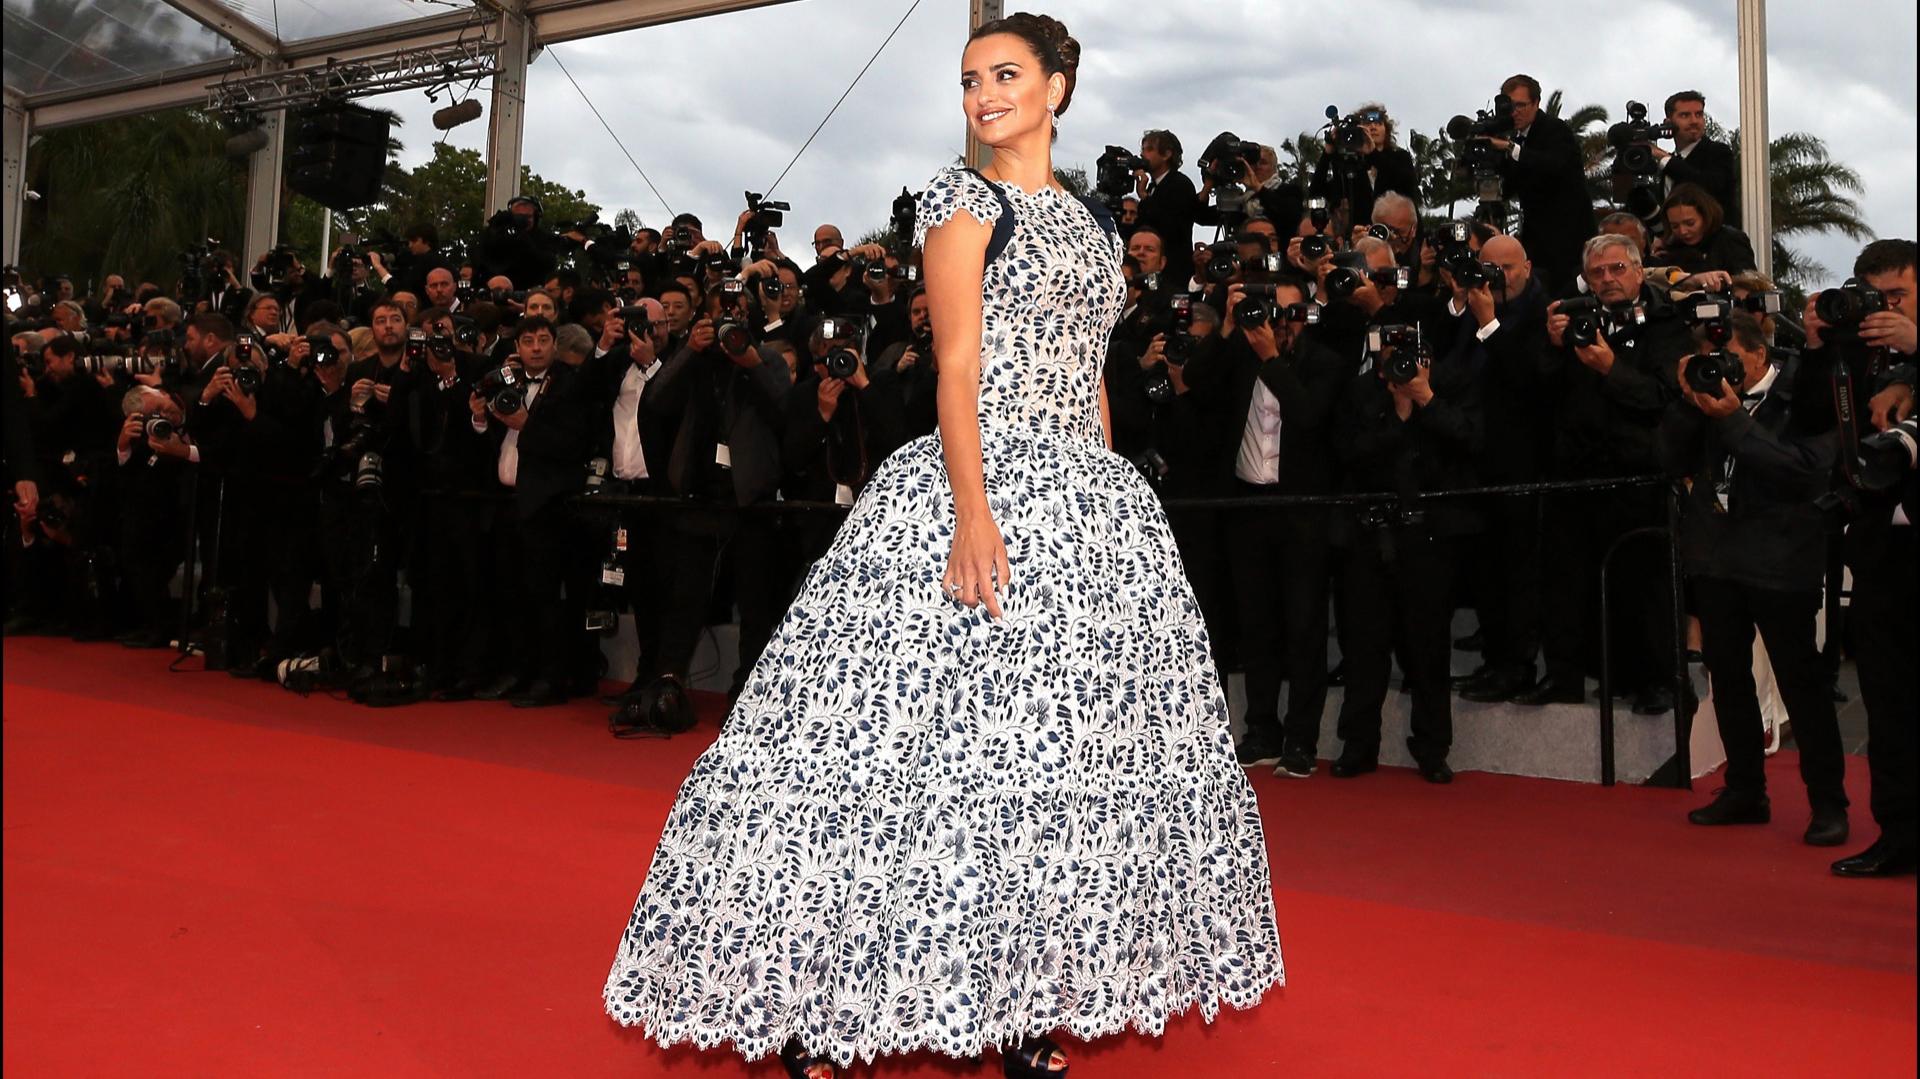 Penélope Cruz le rindió nuevamente homenaje a Karl Largelfed llevando sobre la red carpet uno de sus últimos diseños de alta costura.